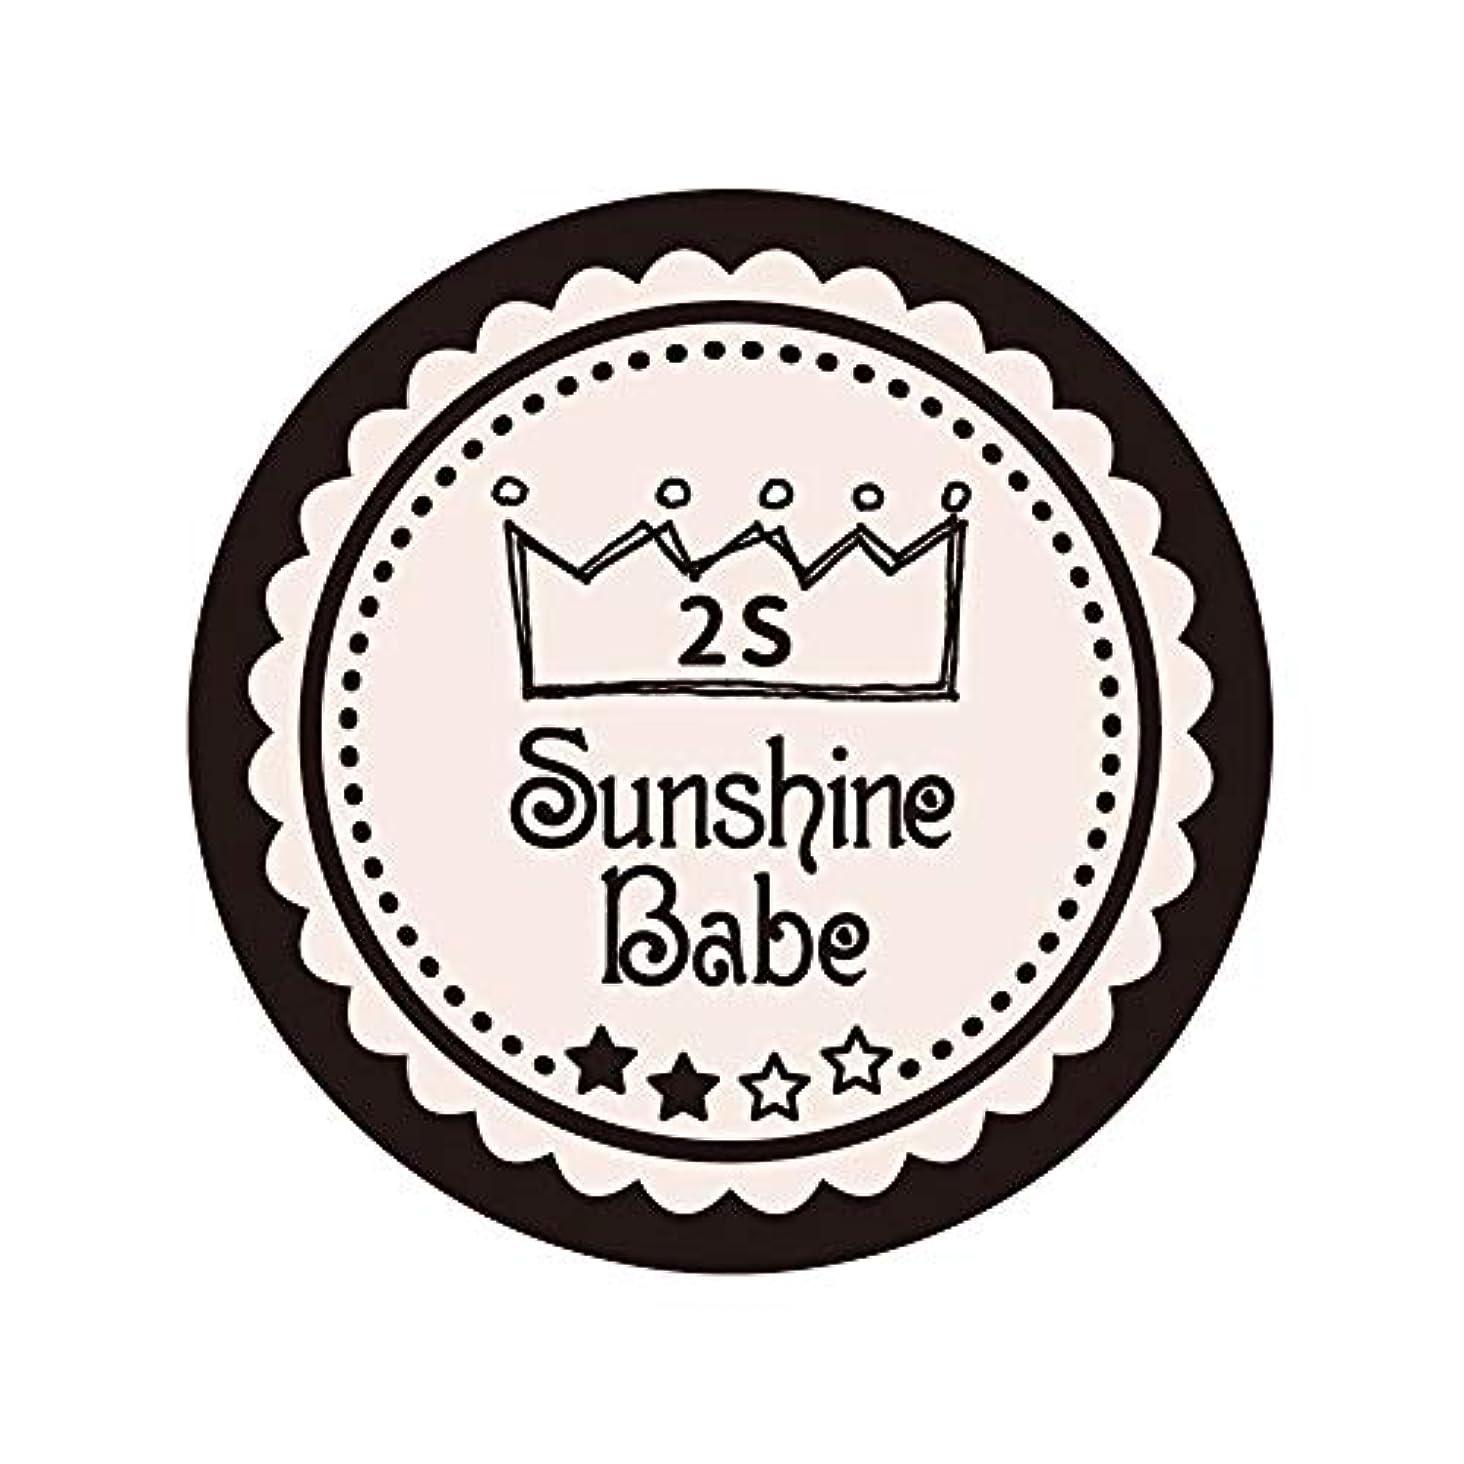 カルシウム綺麗なさせるSunshine Babe カラージェル 2S オールモーストモーブ 2.7g UV/LED対応